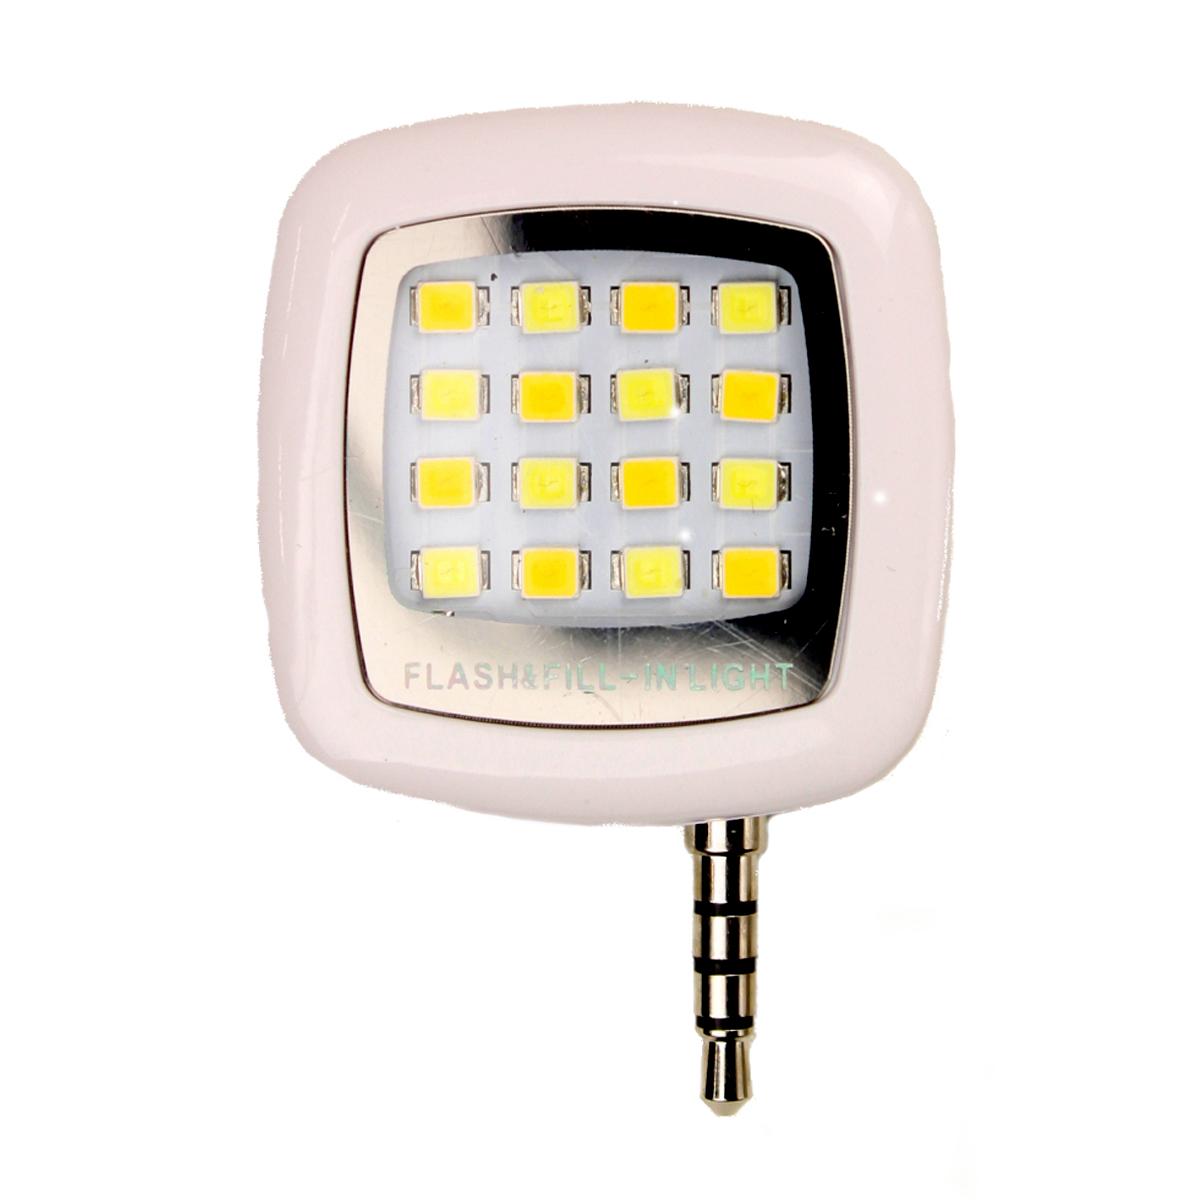 ... -Mini-LED-Spotlight-Flash-Fill-Cell-Phone-Smartphone-Light-Lamp